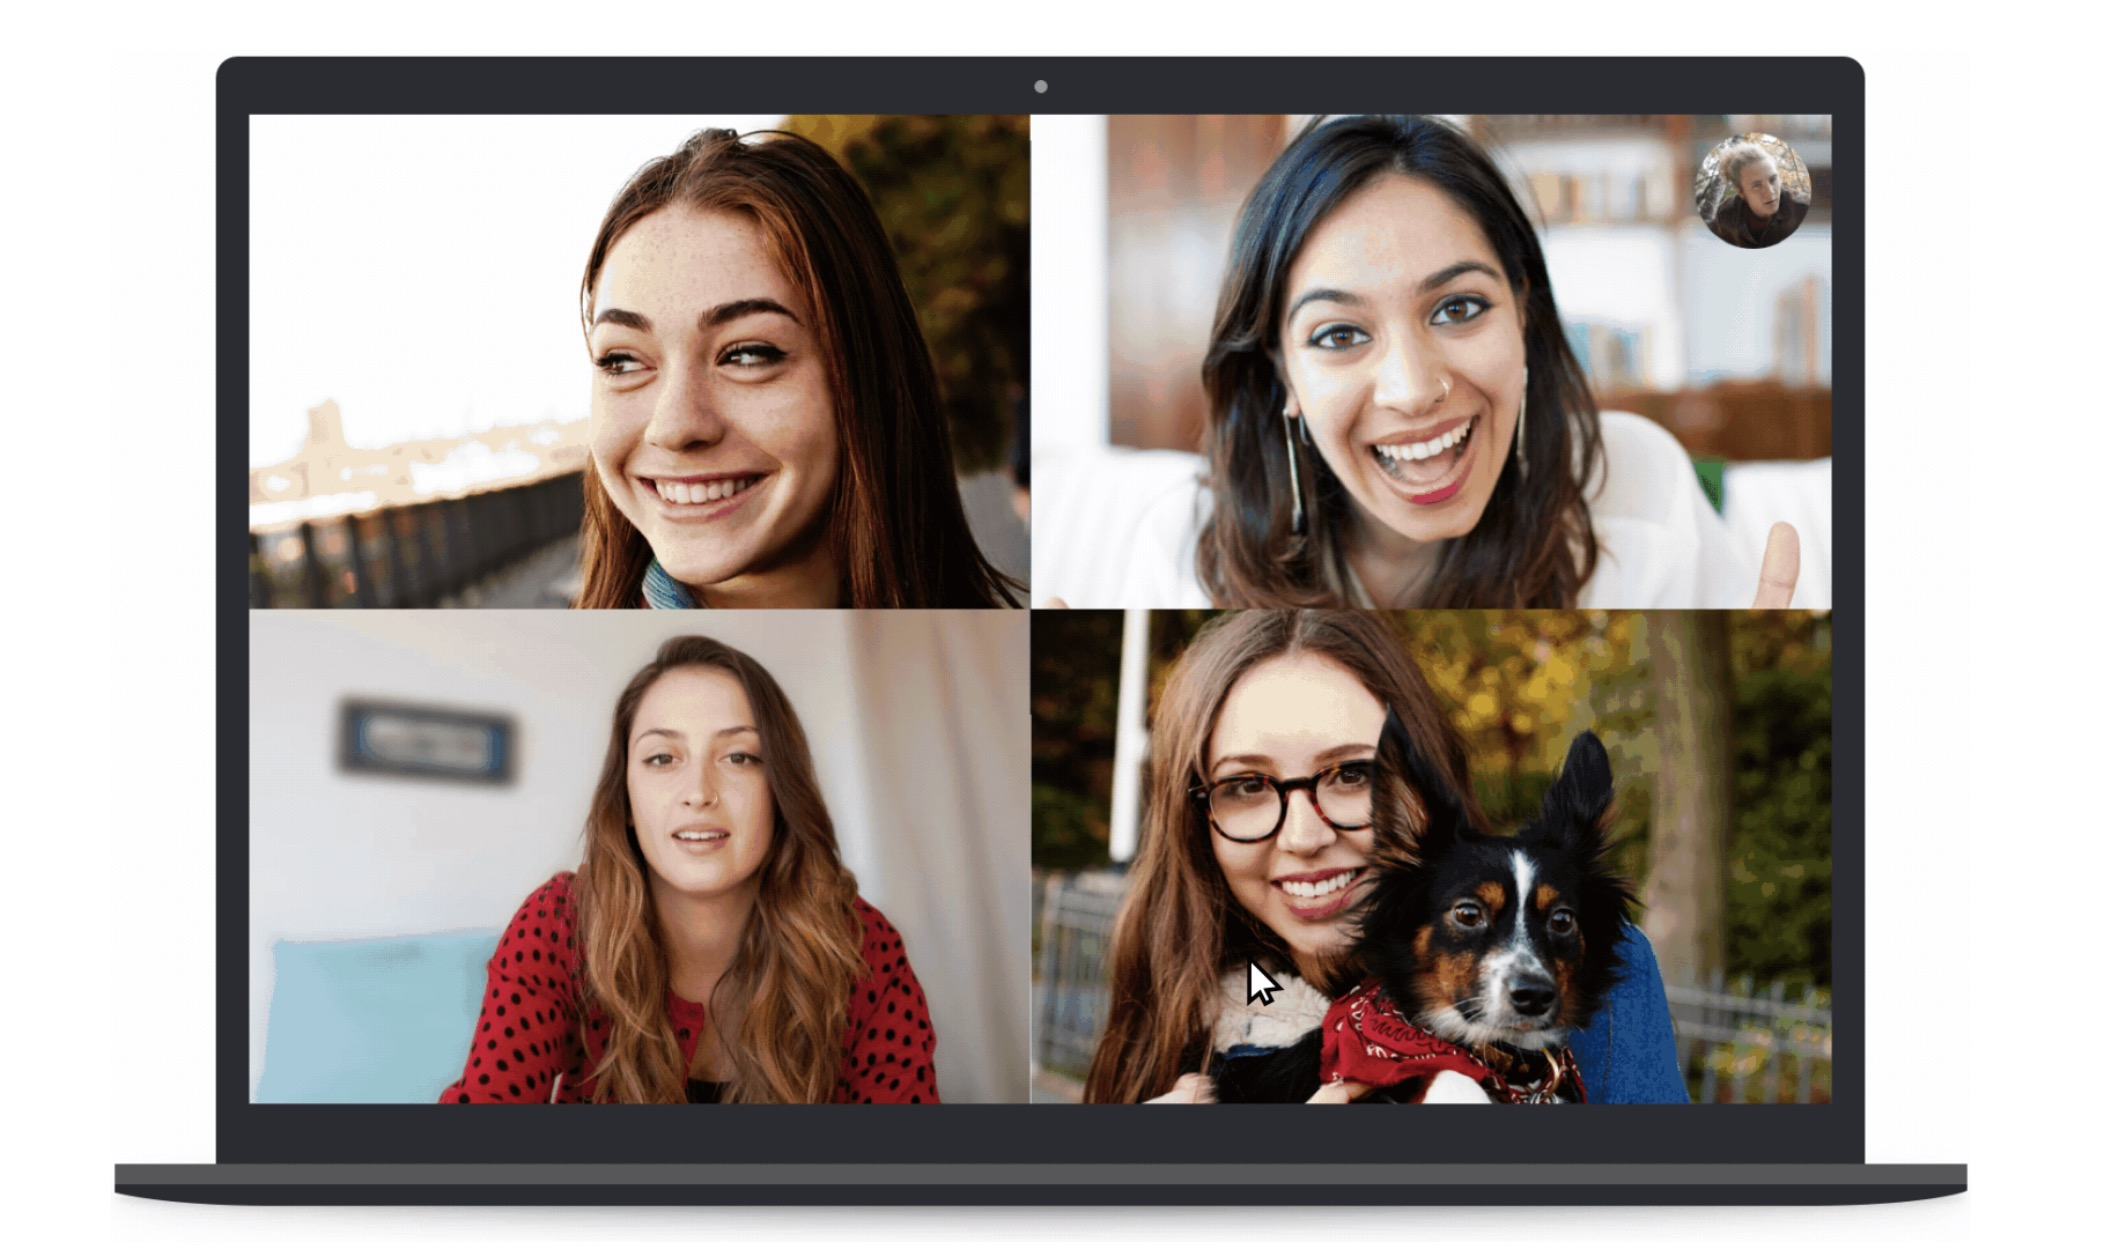 Plus besoin de ranger le bureau : Skype Mac floute l'arrière-plan des appels vidéos 1